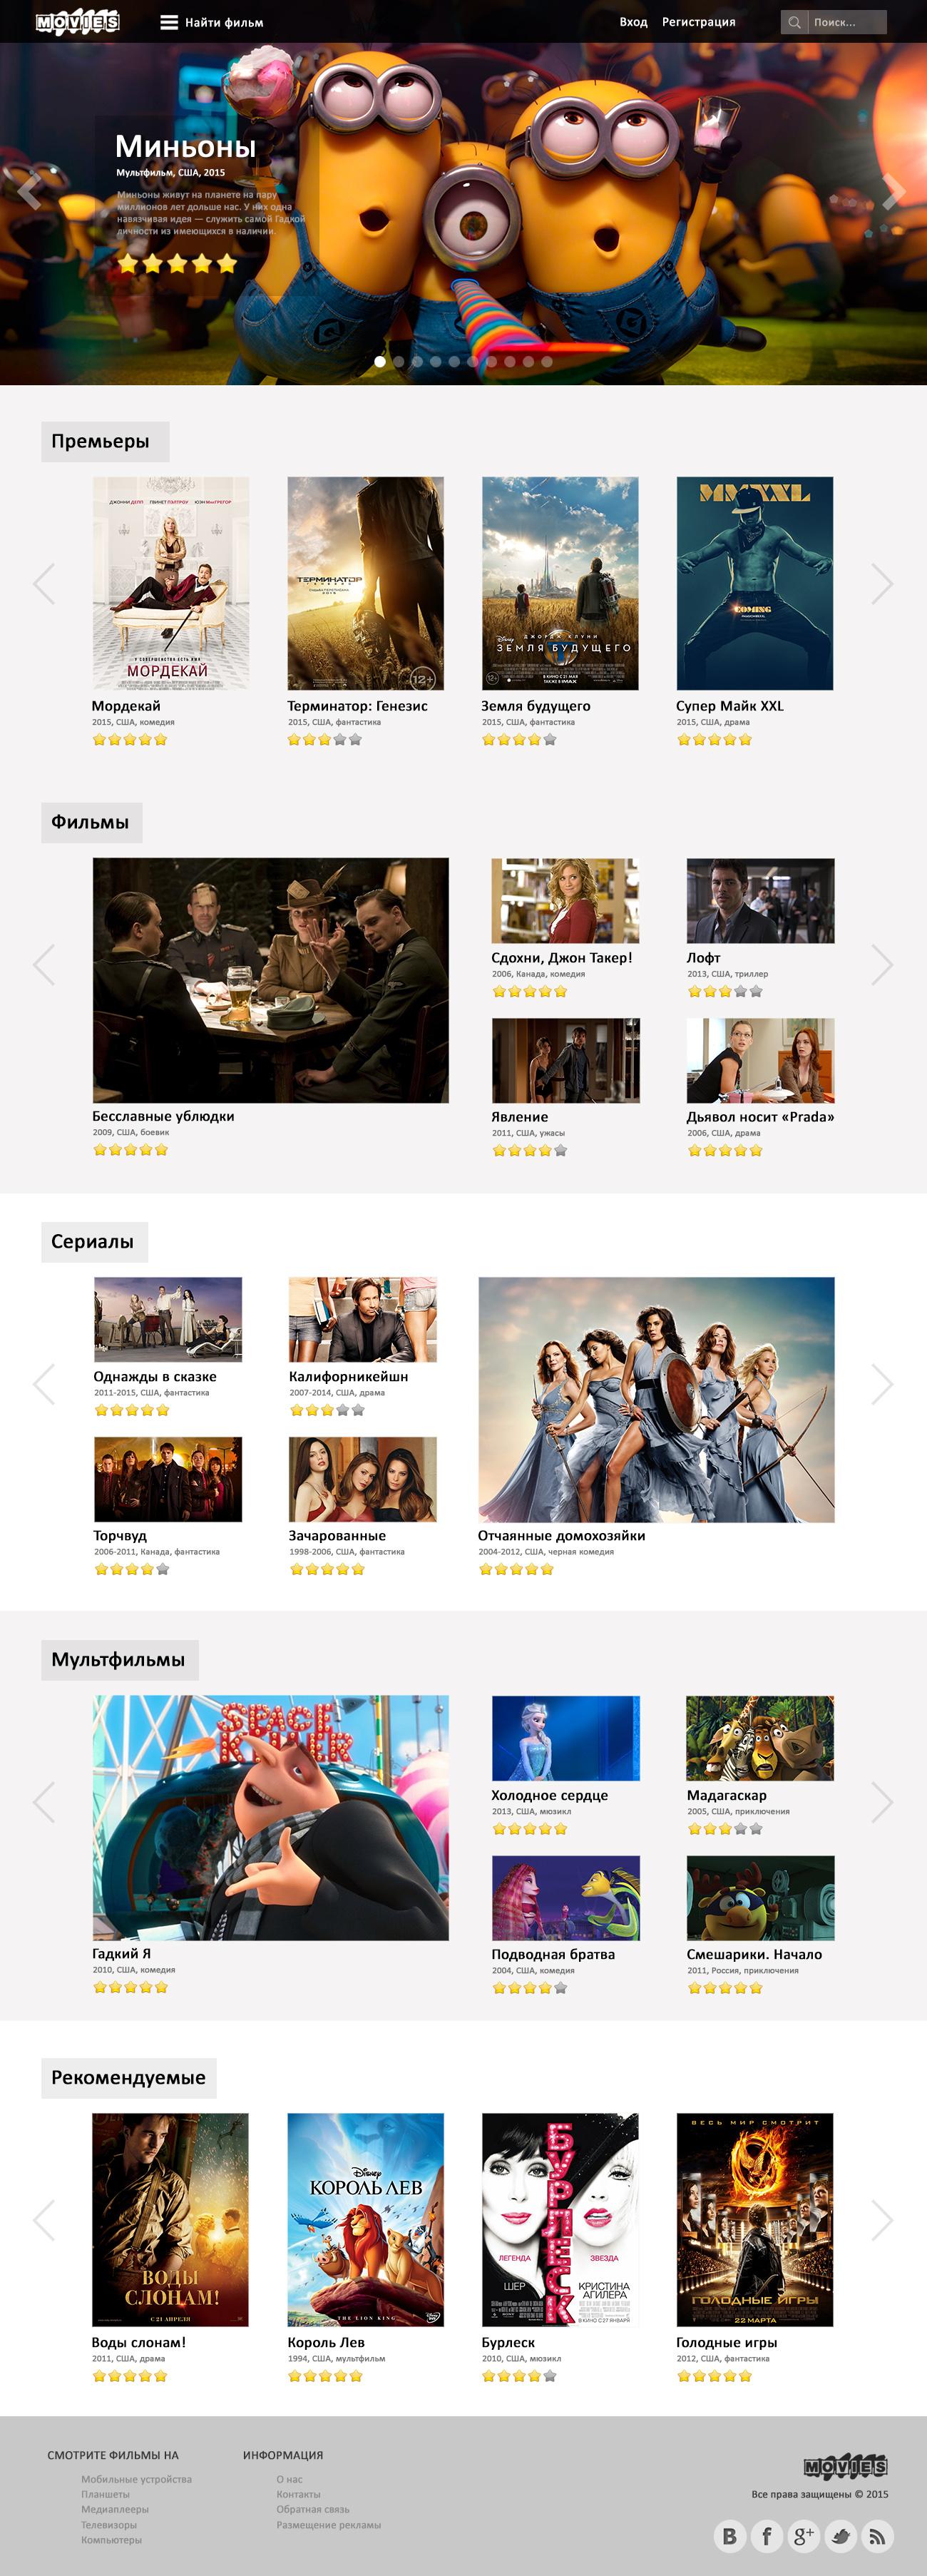 Дизайн для онлайн-кинотеатра фото f_177552996f11b754.jpg